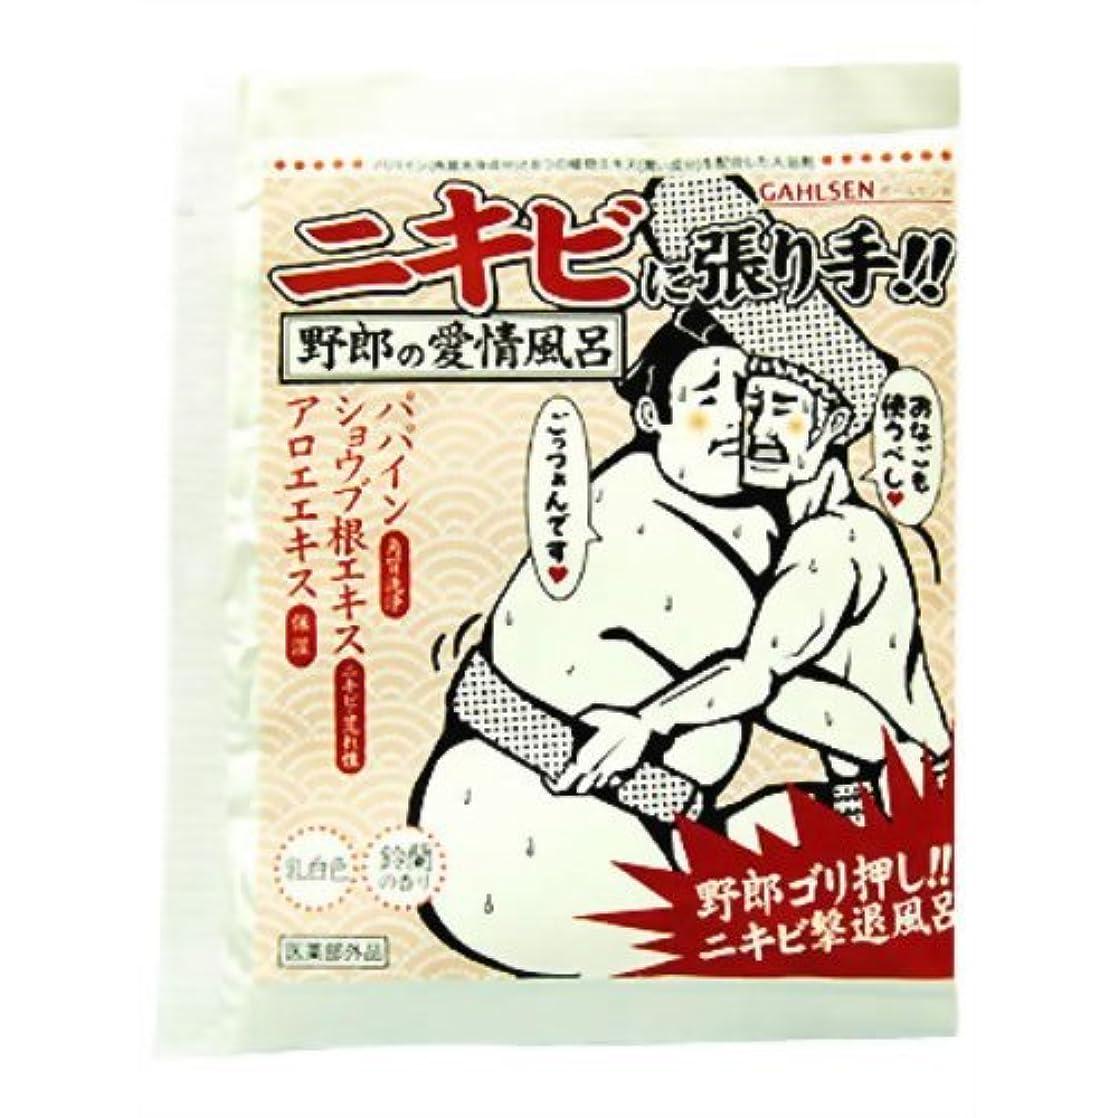 アクティビティ挑発する毎月ガールセンW 25g*10袋(入浴剤)